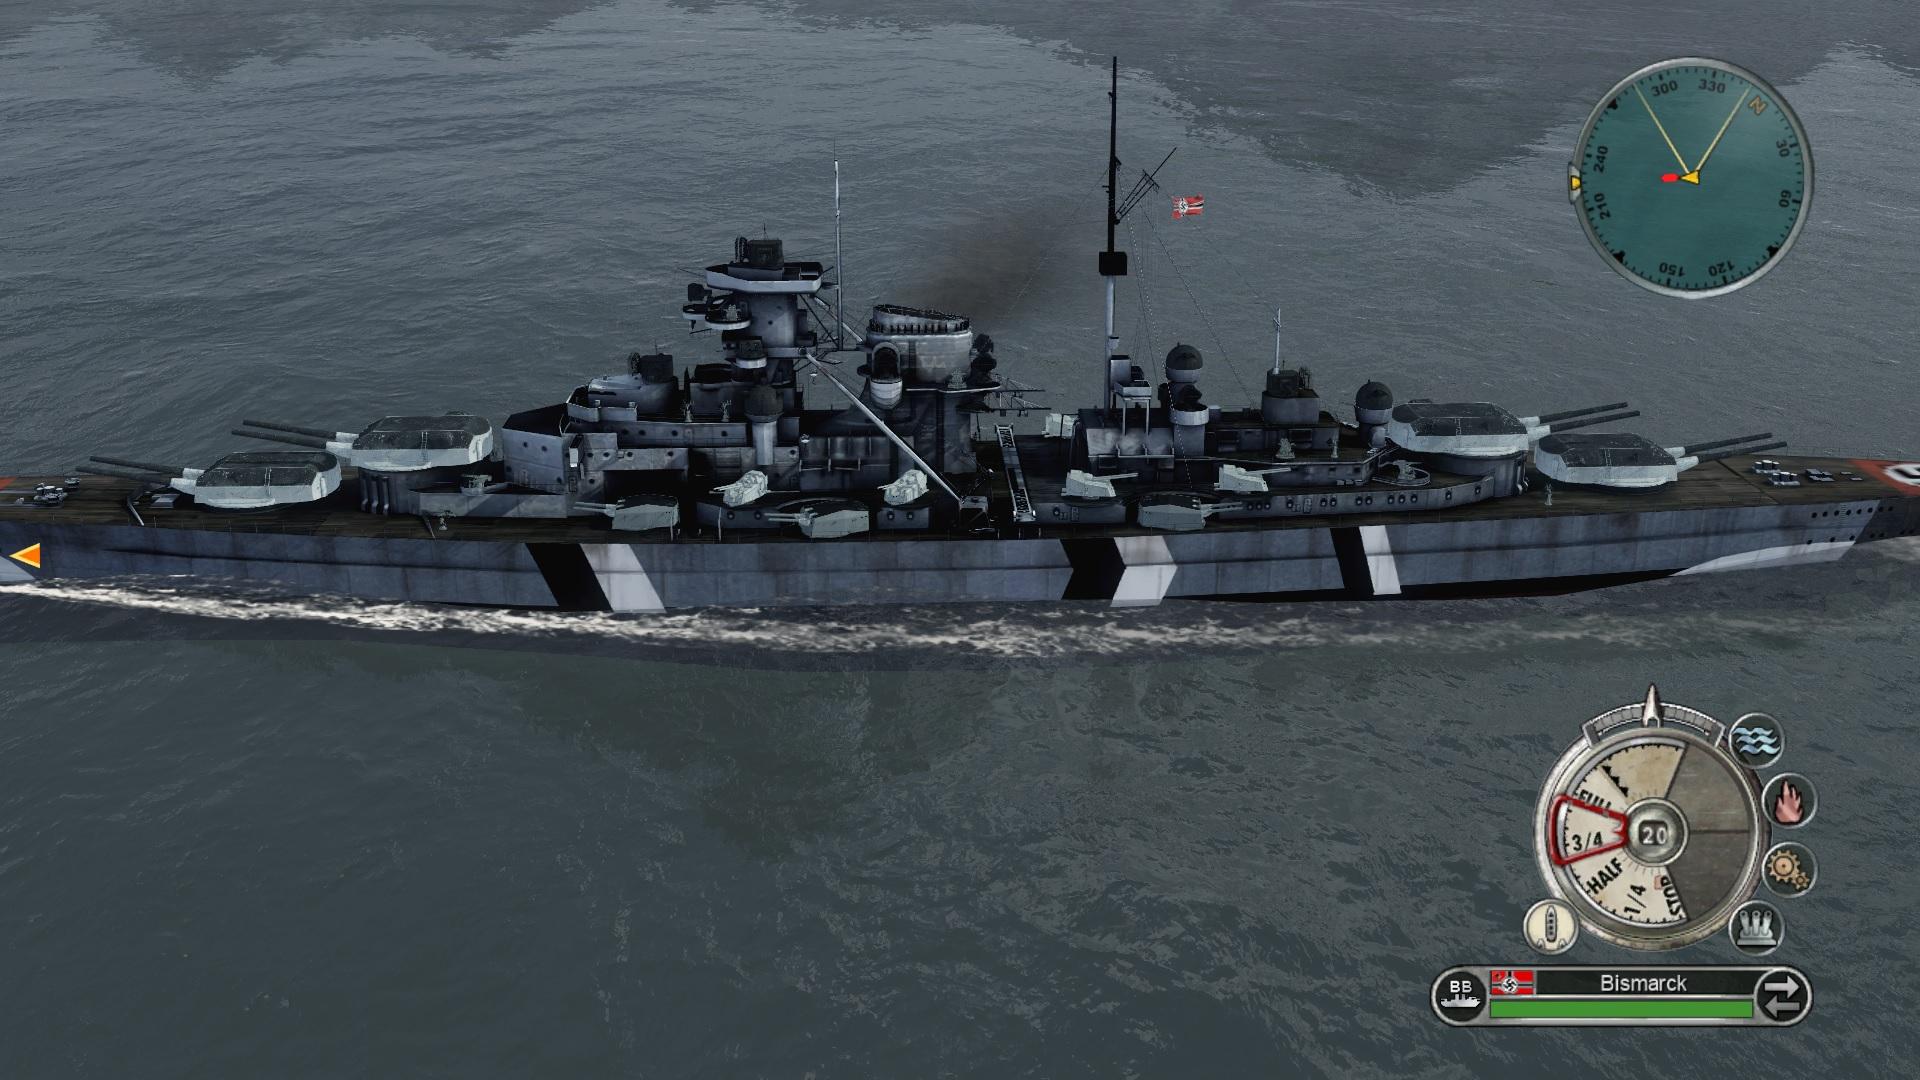 Bismarck texture